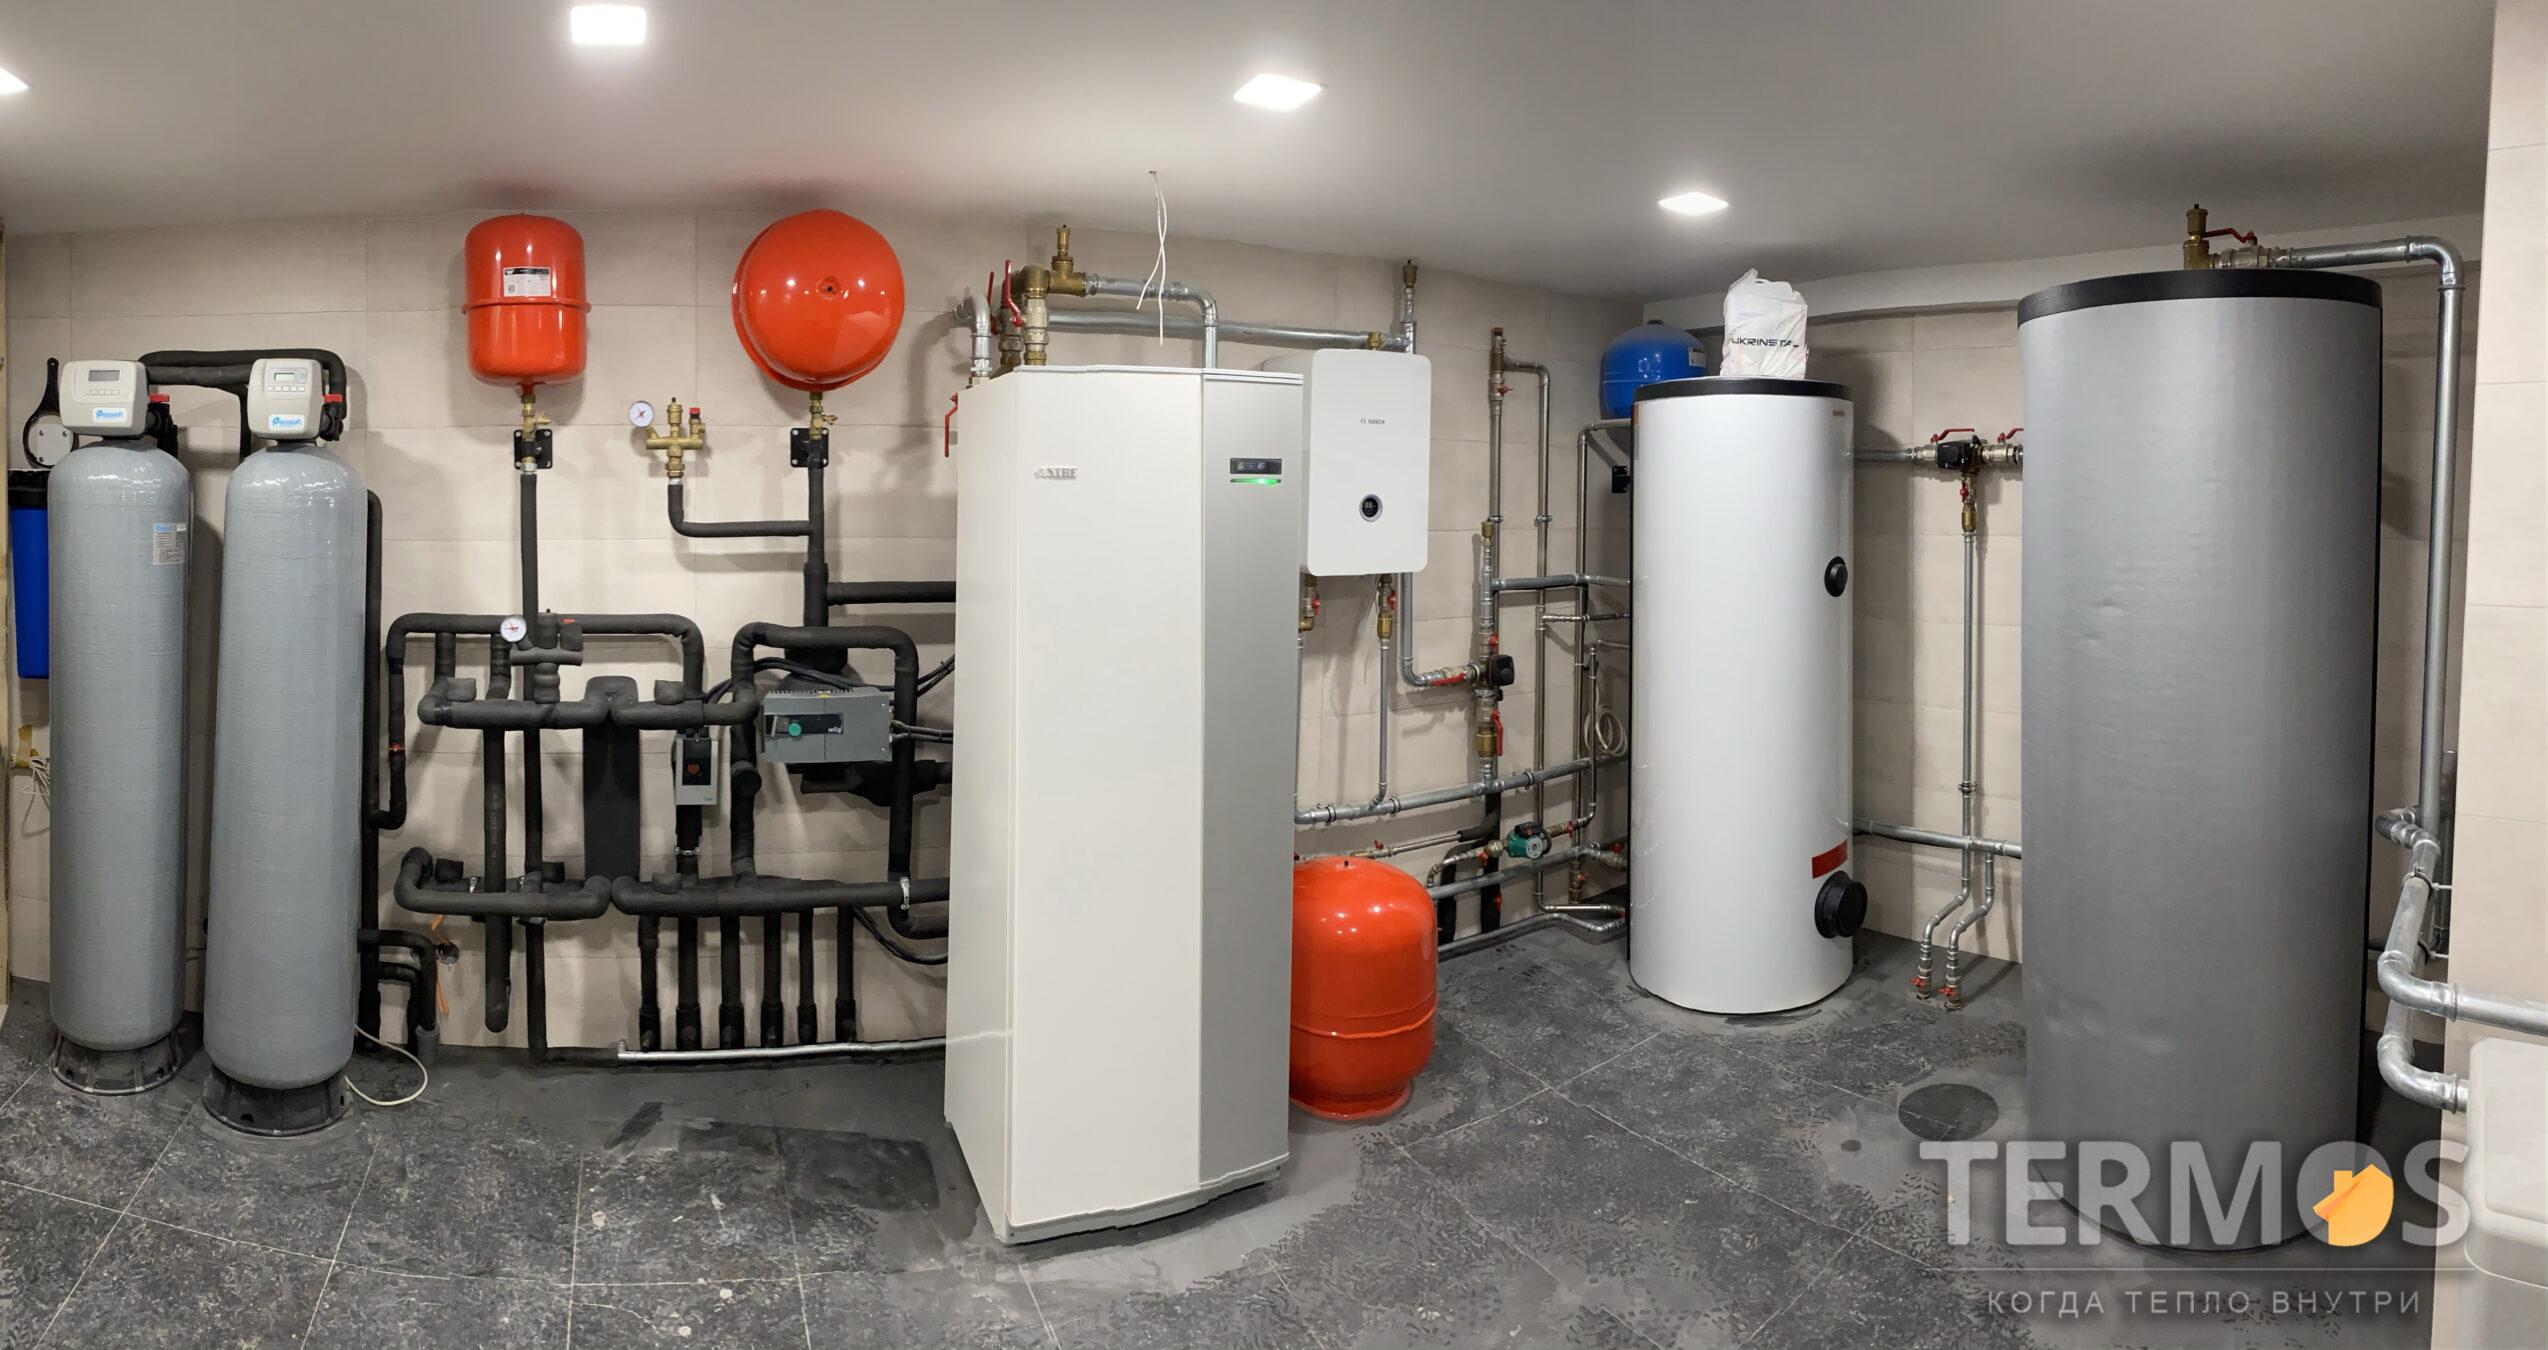 Геотермальный тепловой насос NIBE 40 кВт, 12 скважин по 80 м